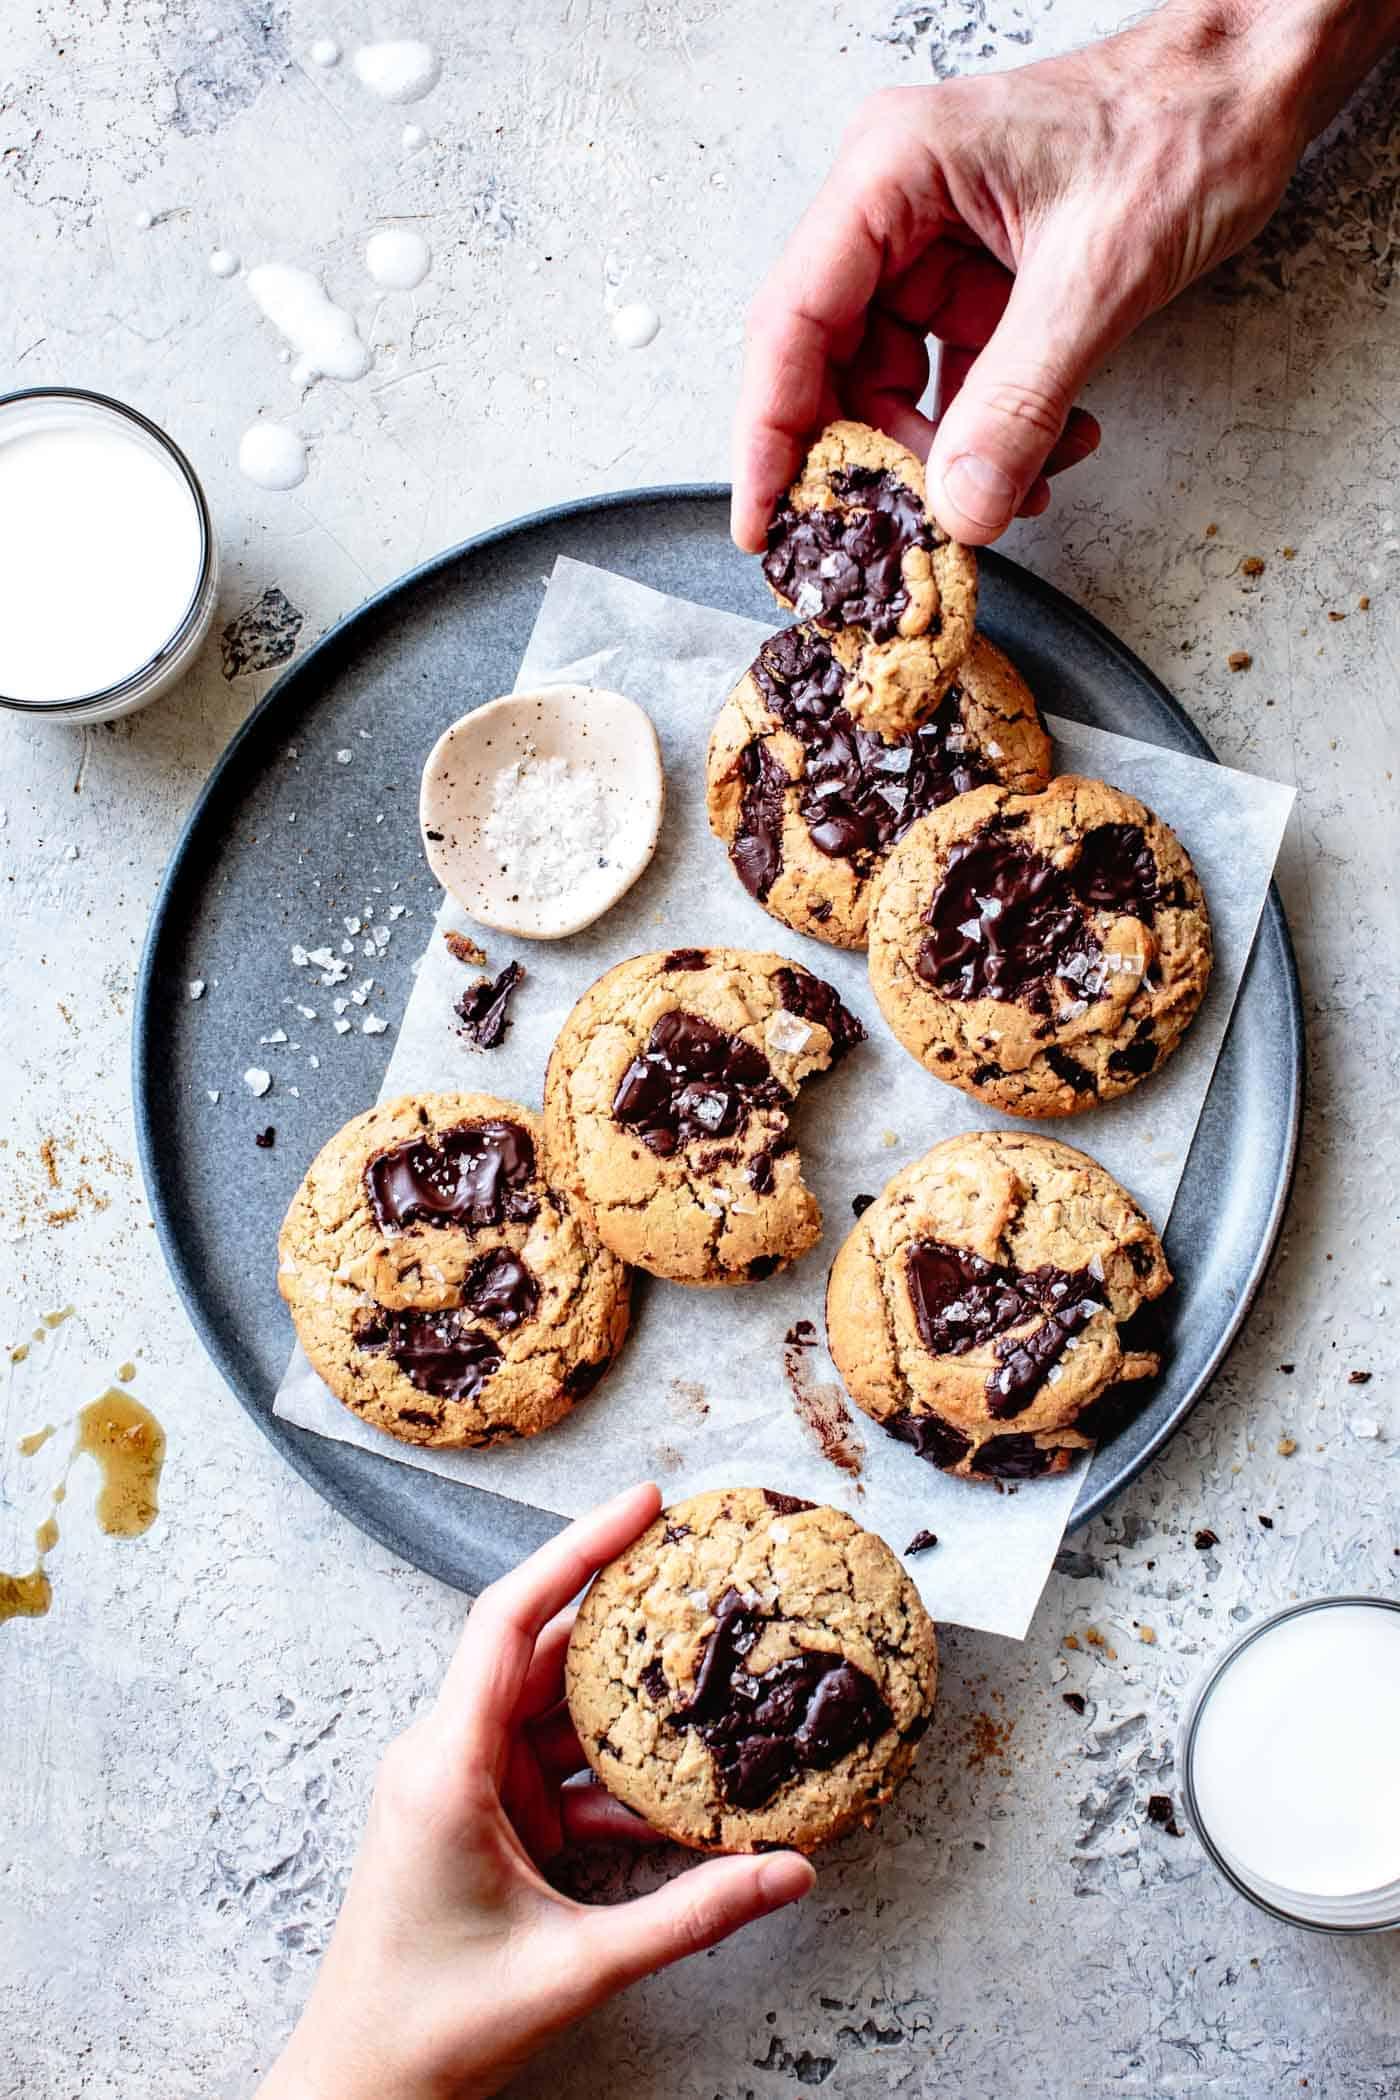 two people eating vegan paleo chocolate chip cookies